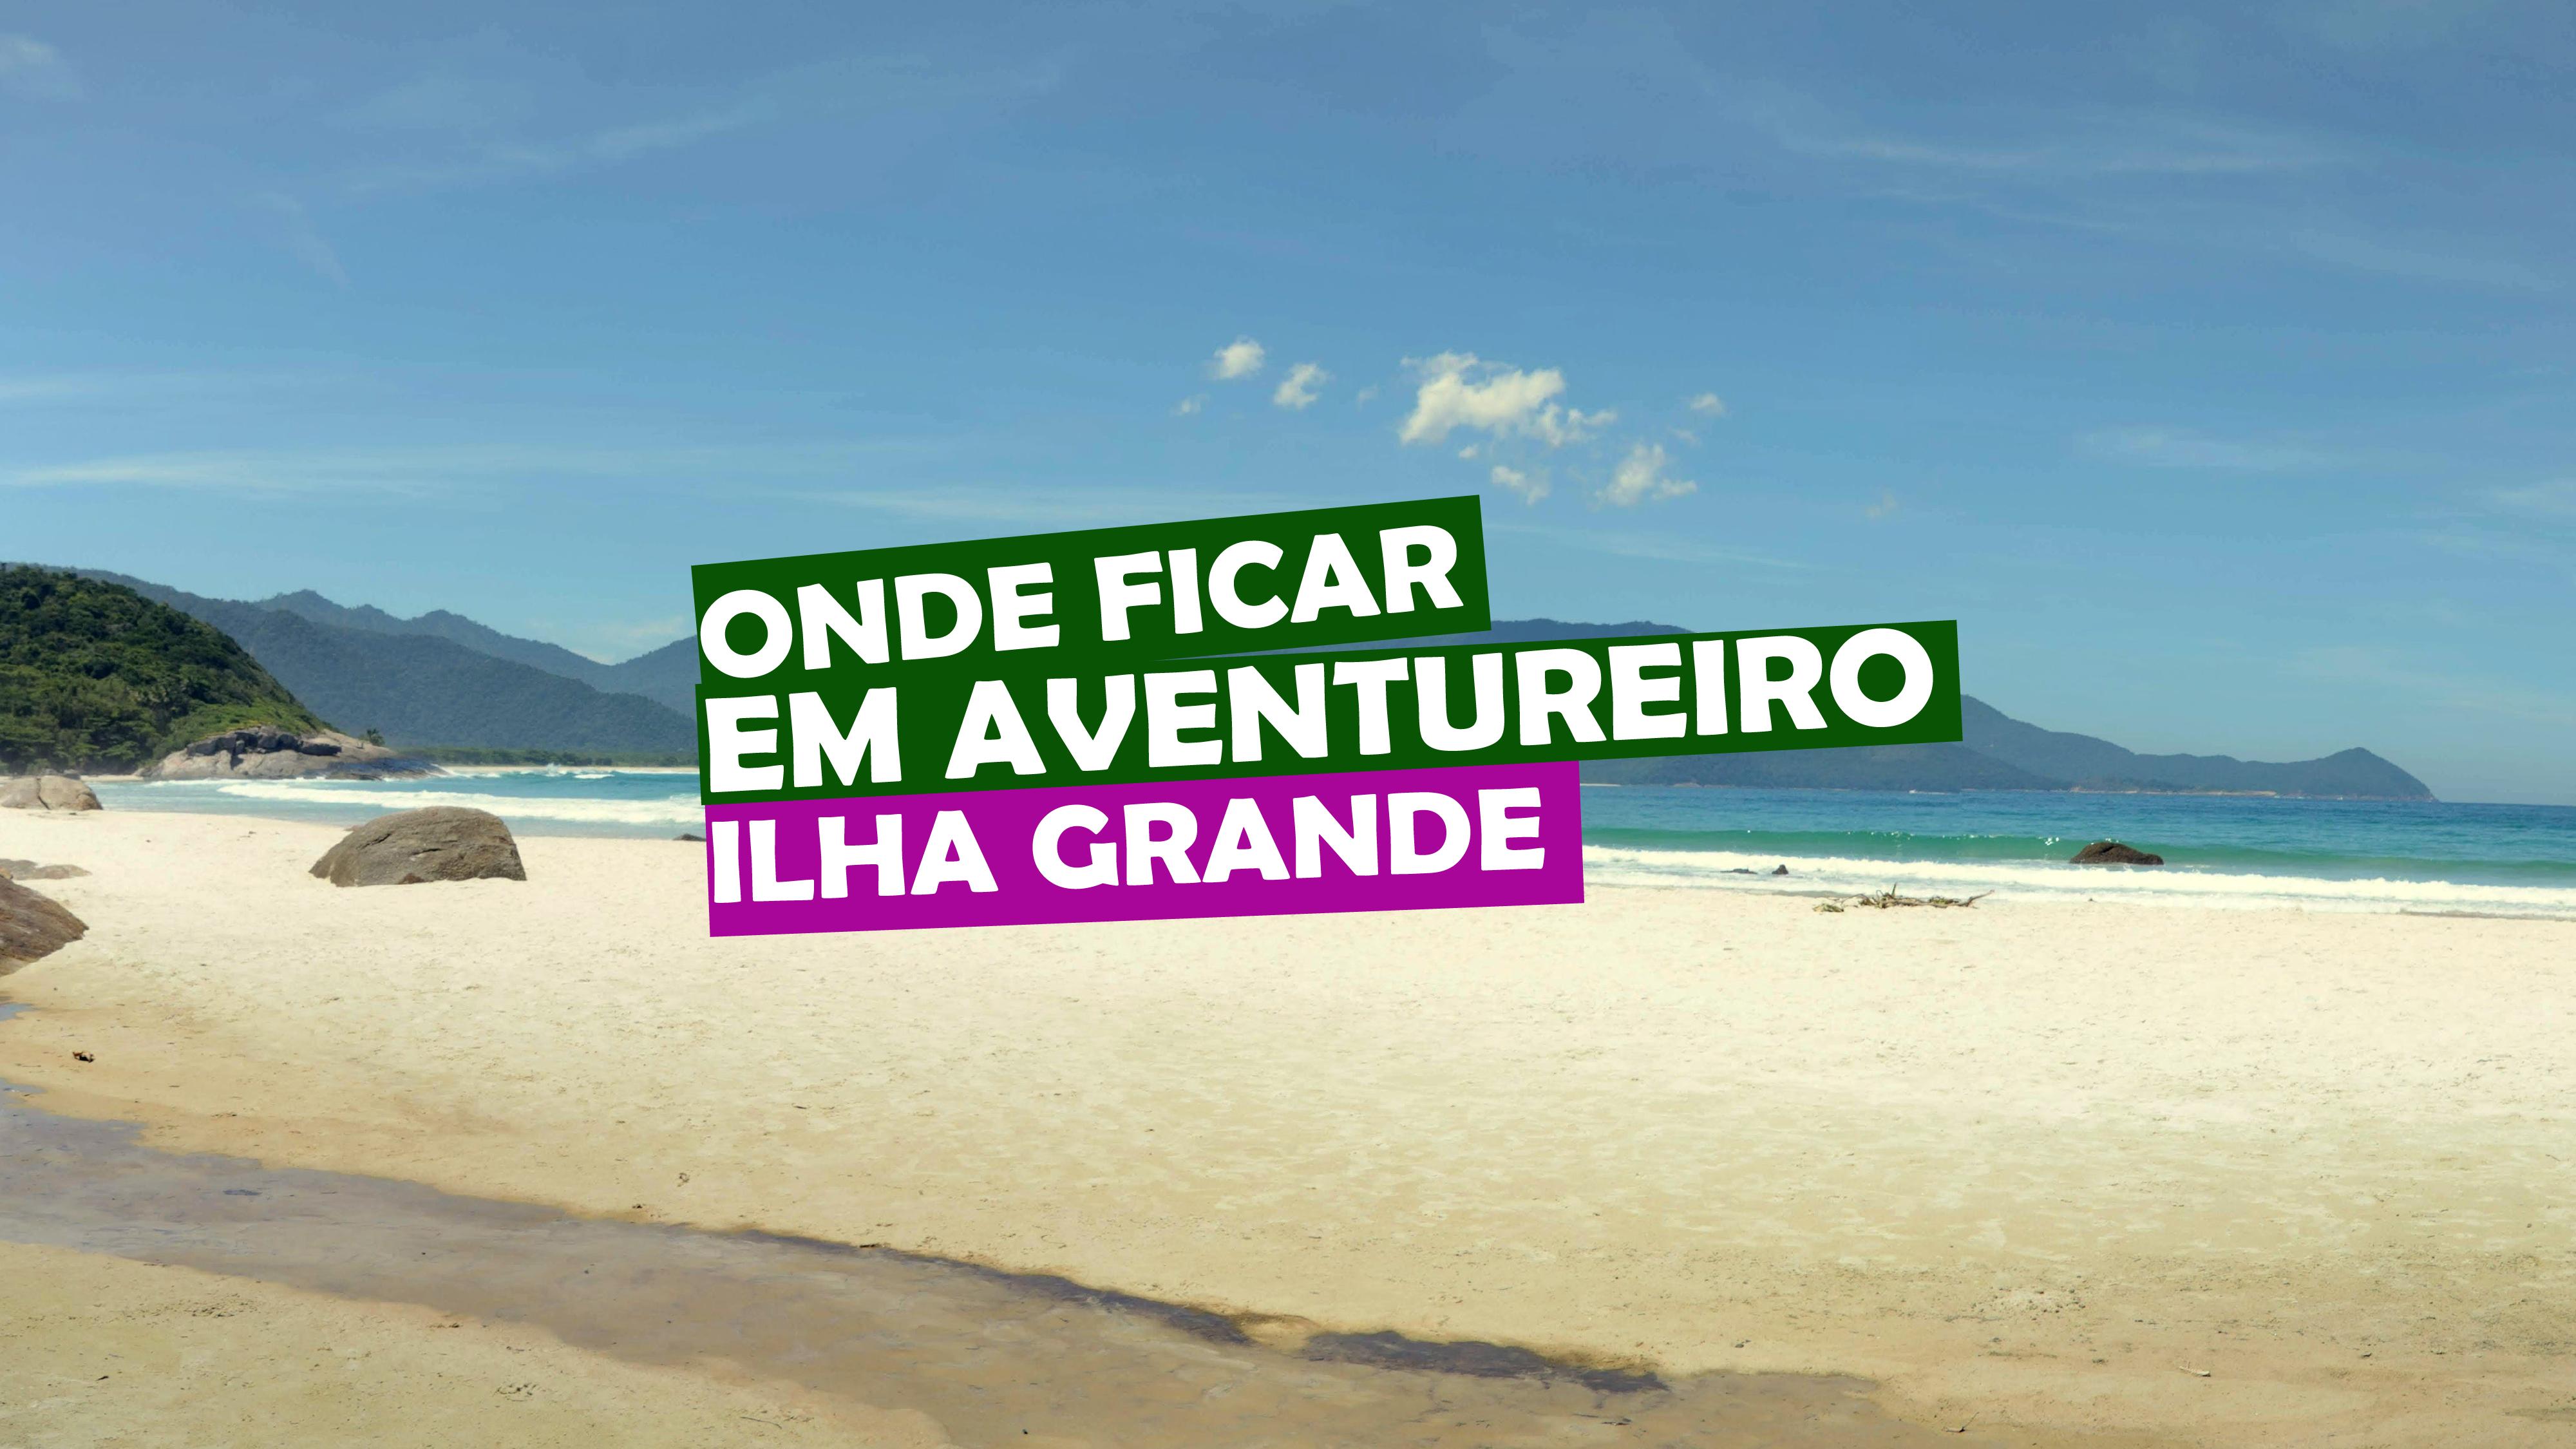 You are currently viewing Onde ficar em aventureiro ilha grande